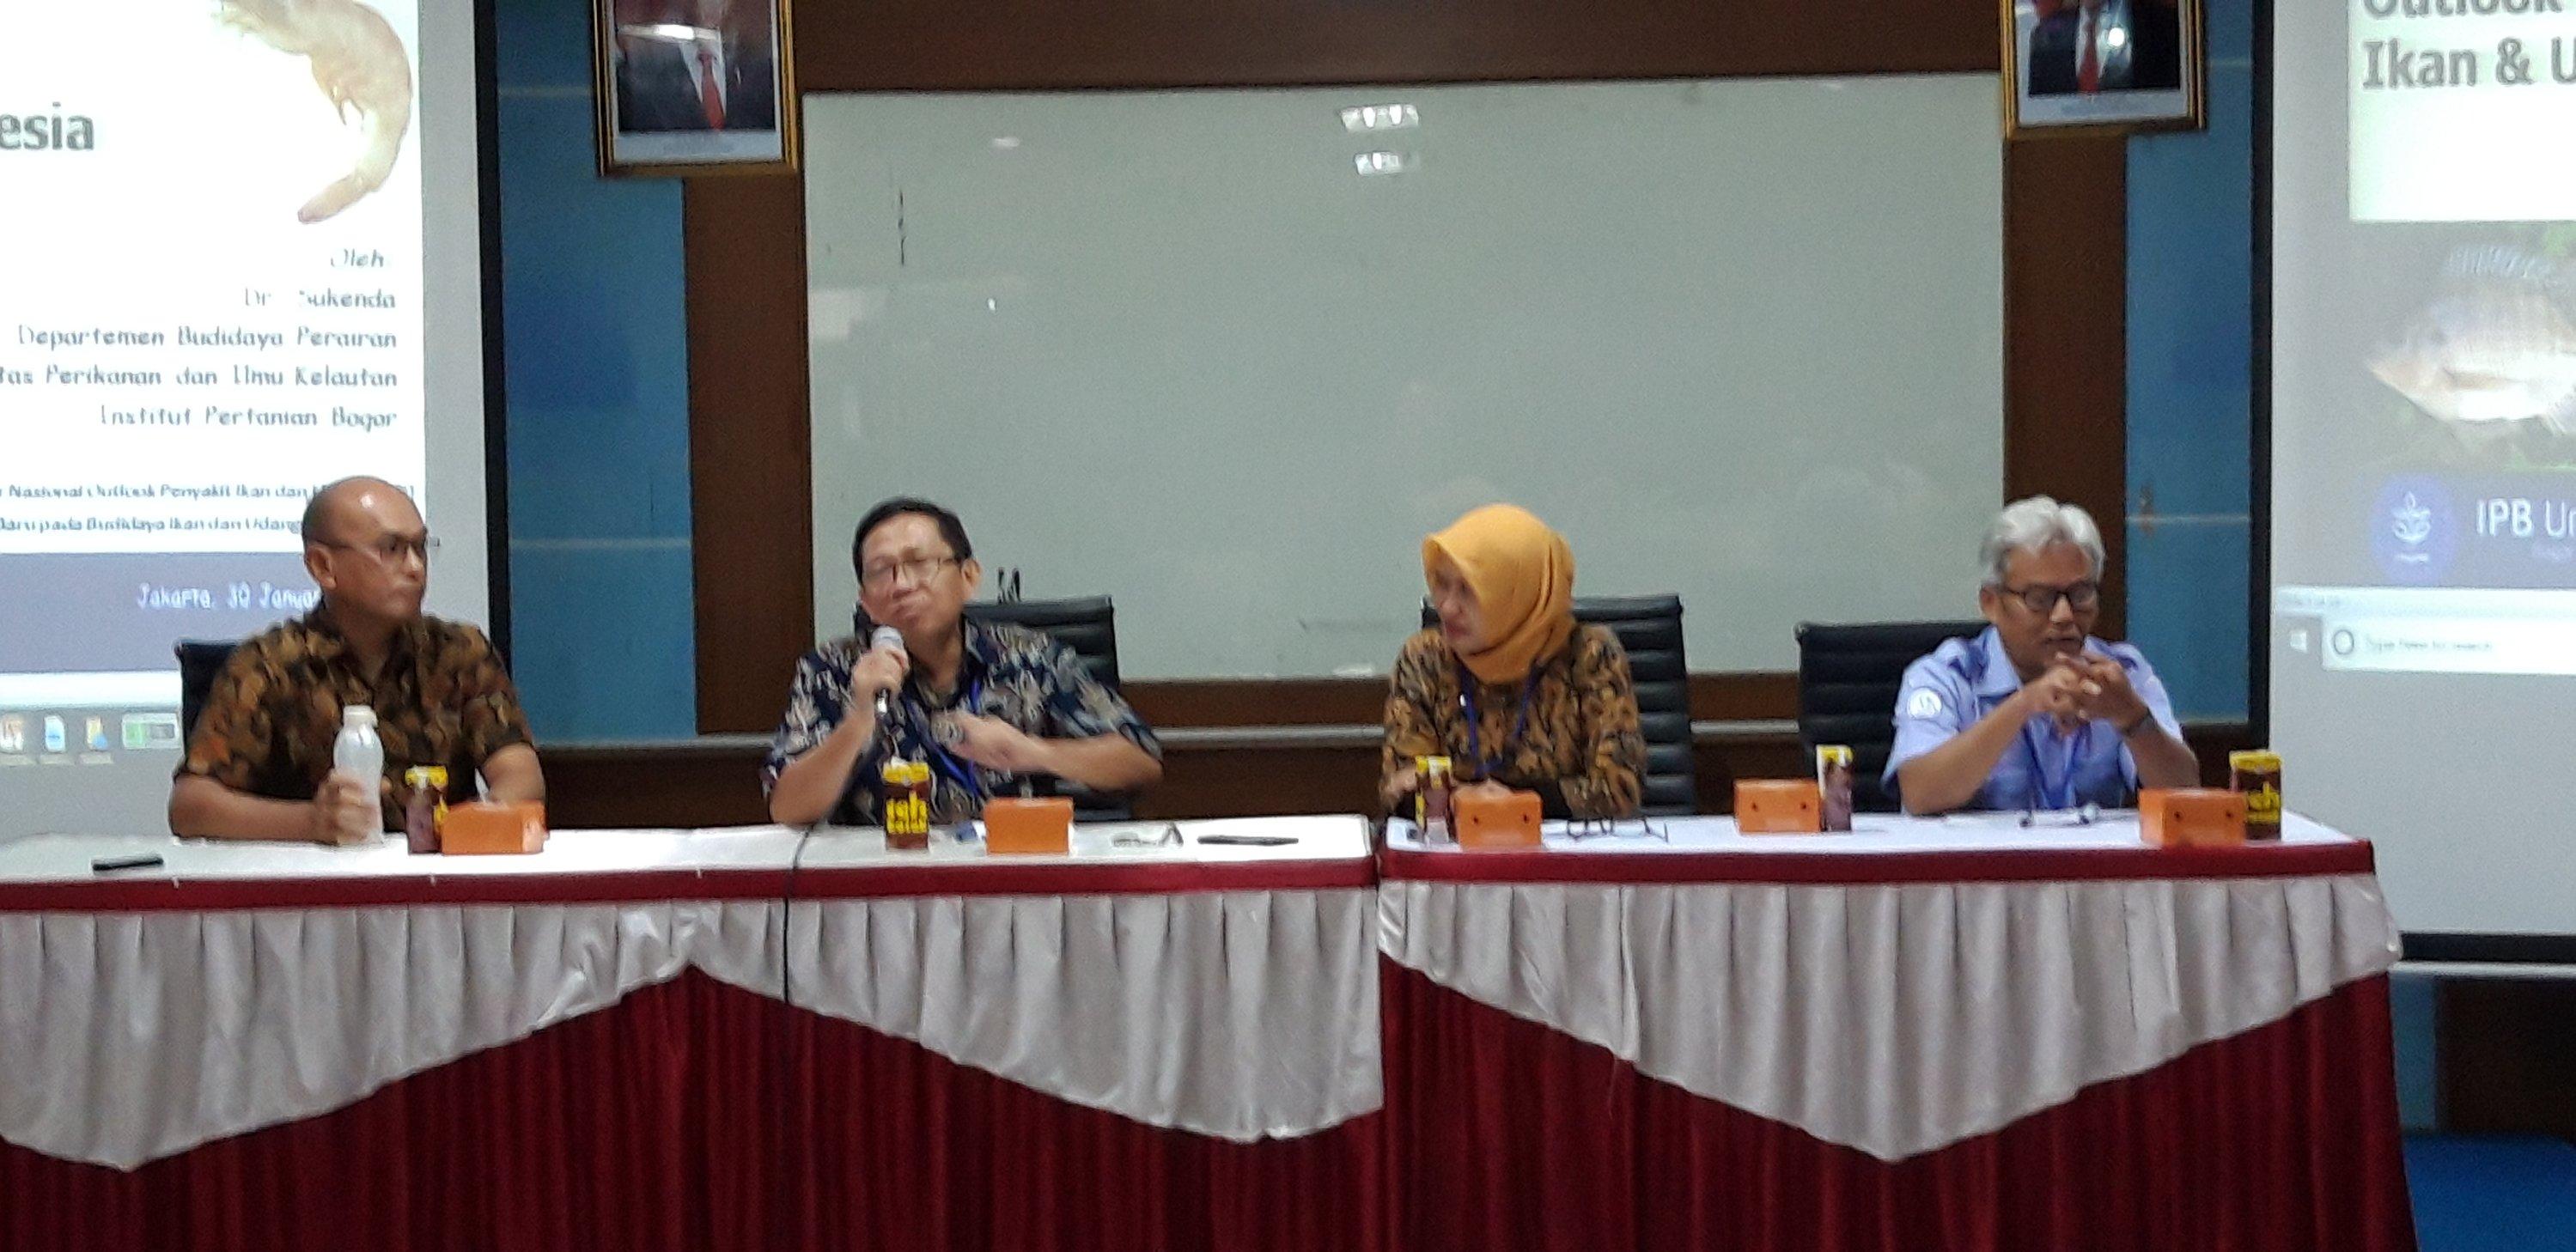 Seminar Outlook Penyakit Ikan dan Udang Ingatkan Pelaku Usaha Waspada Ancaman Penyakit